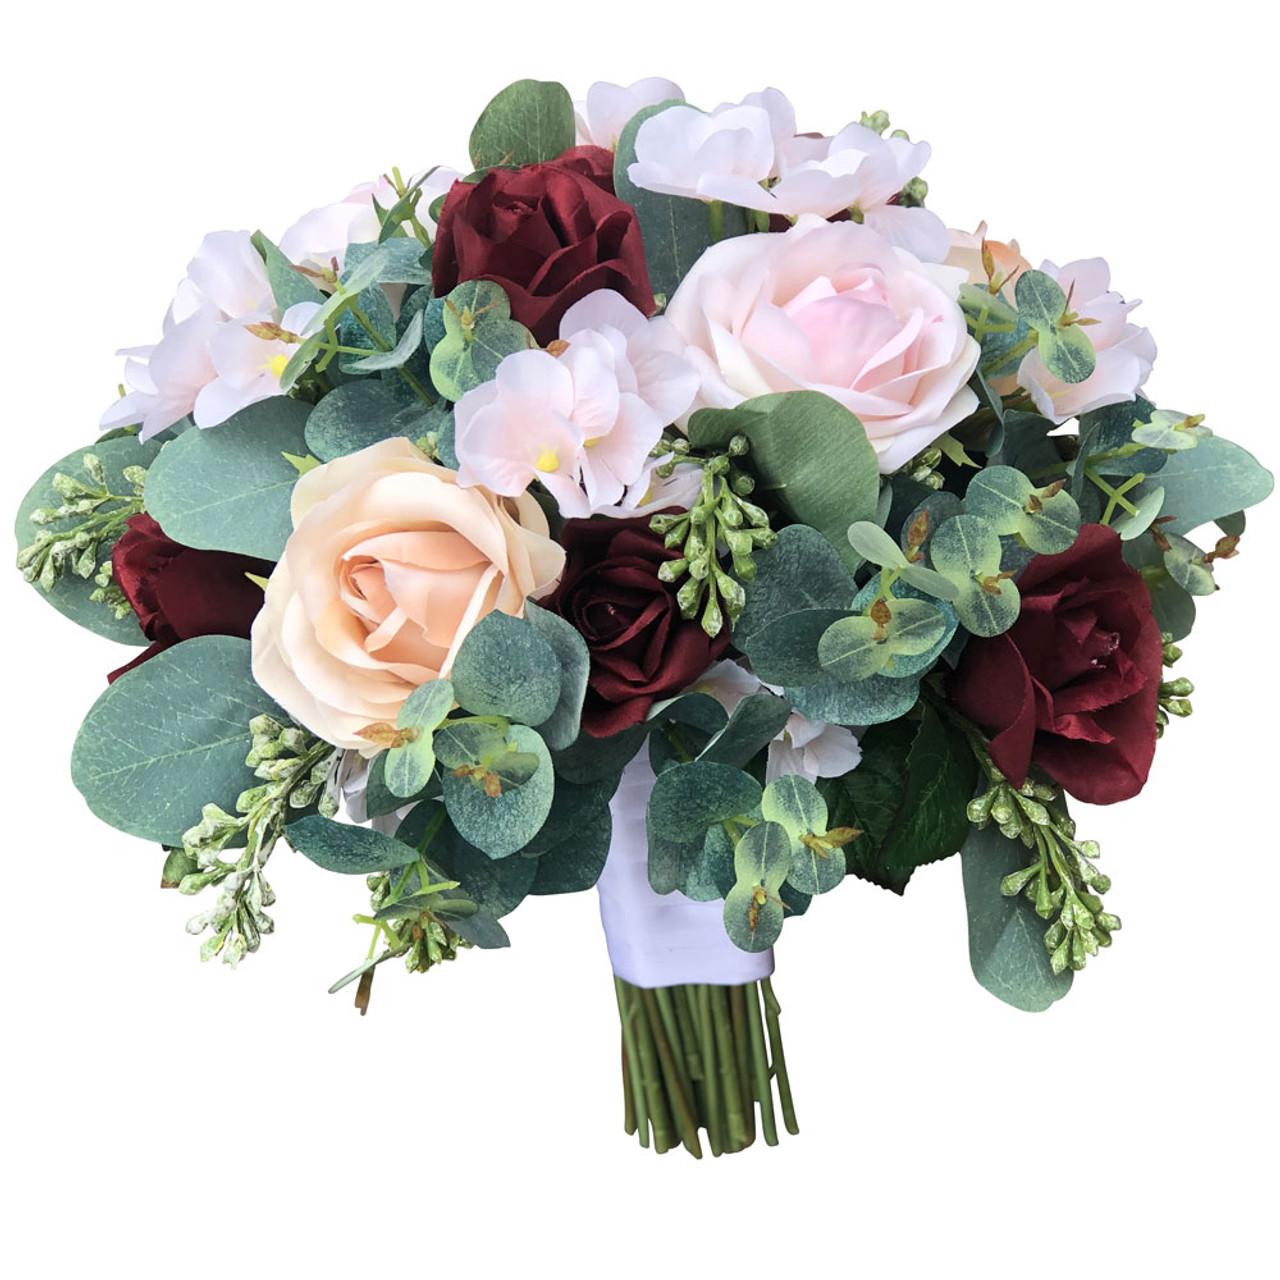 Burgundy Blush Champagne Wedding Bouquets Artificial Flowers Large Thebridesbouquet Com